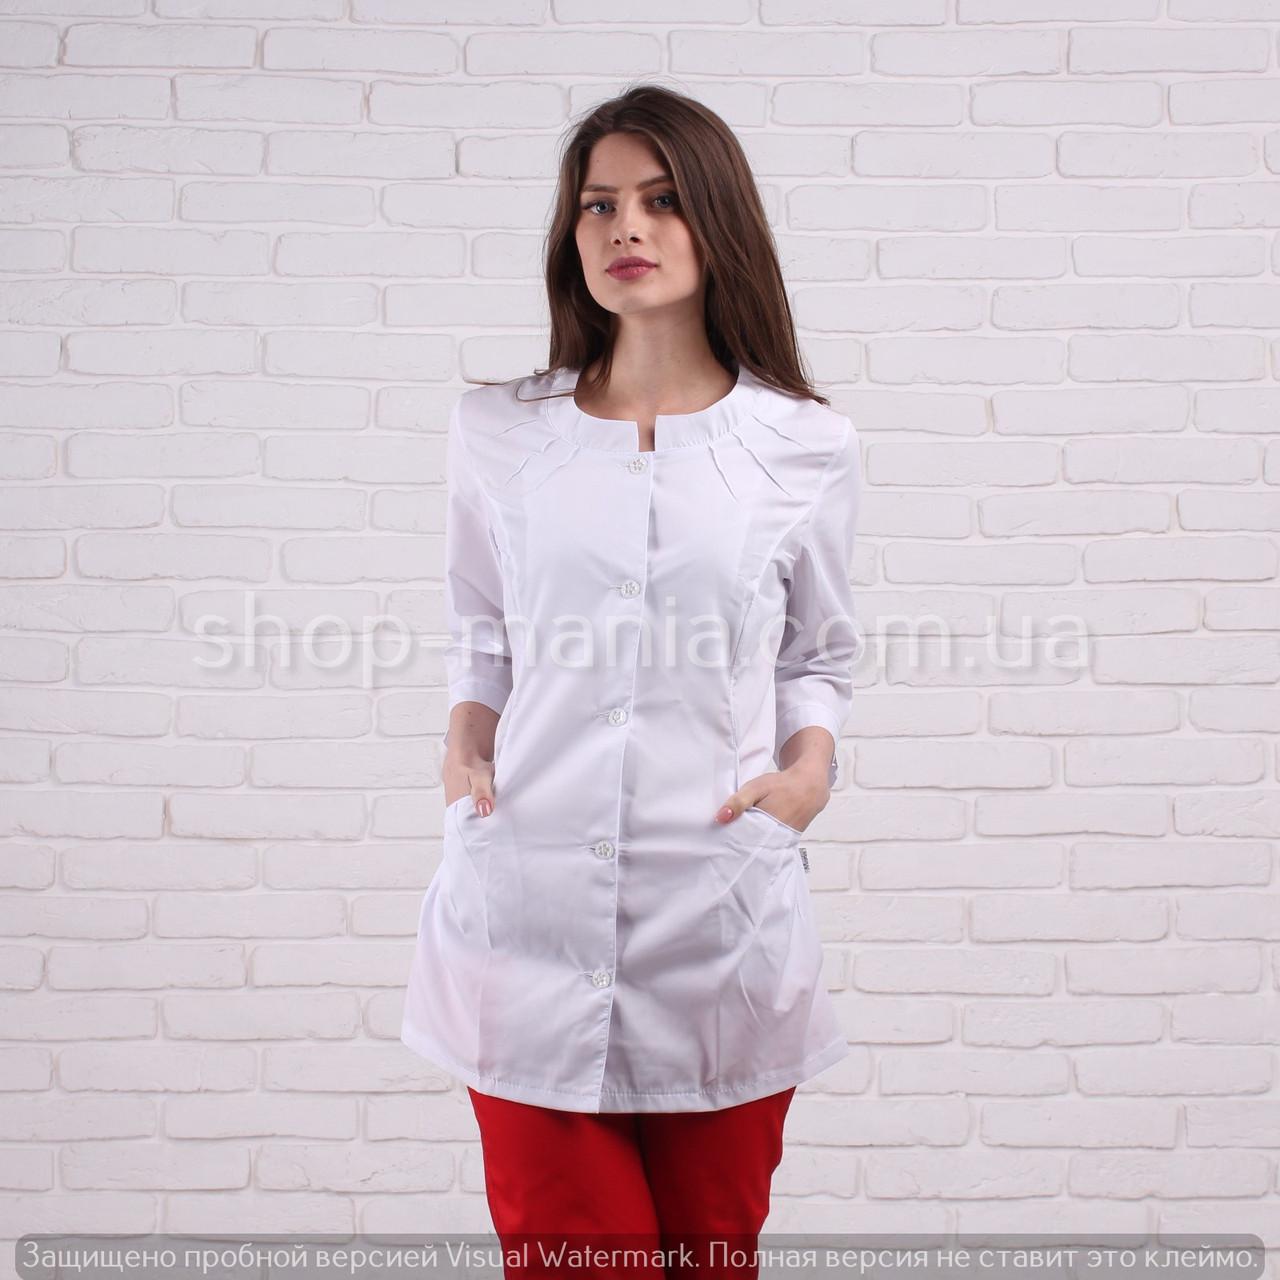 Медицинская куртка женская белая SM 1003-3 хб Sofiya (белый) 42-64р